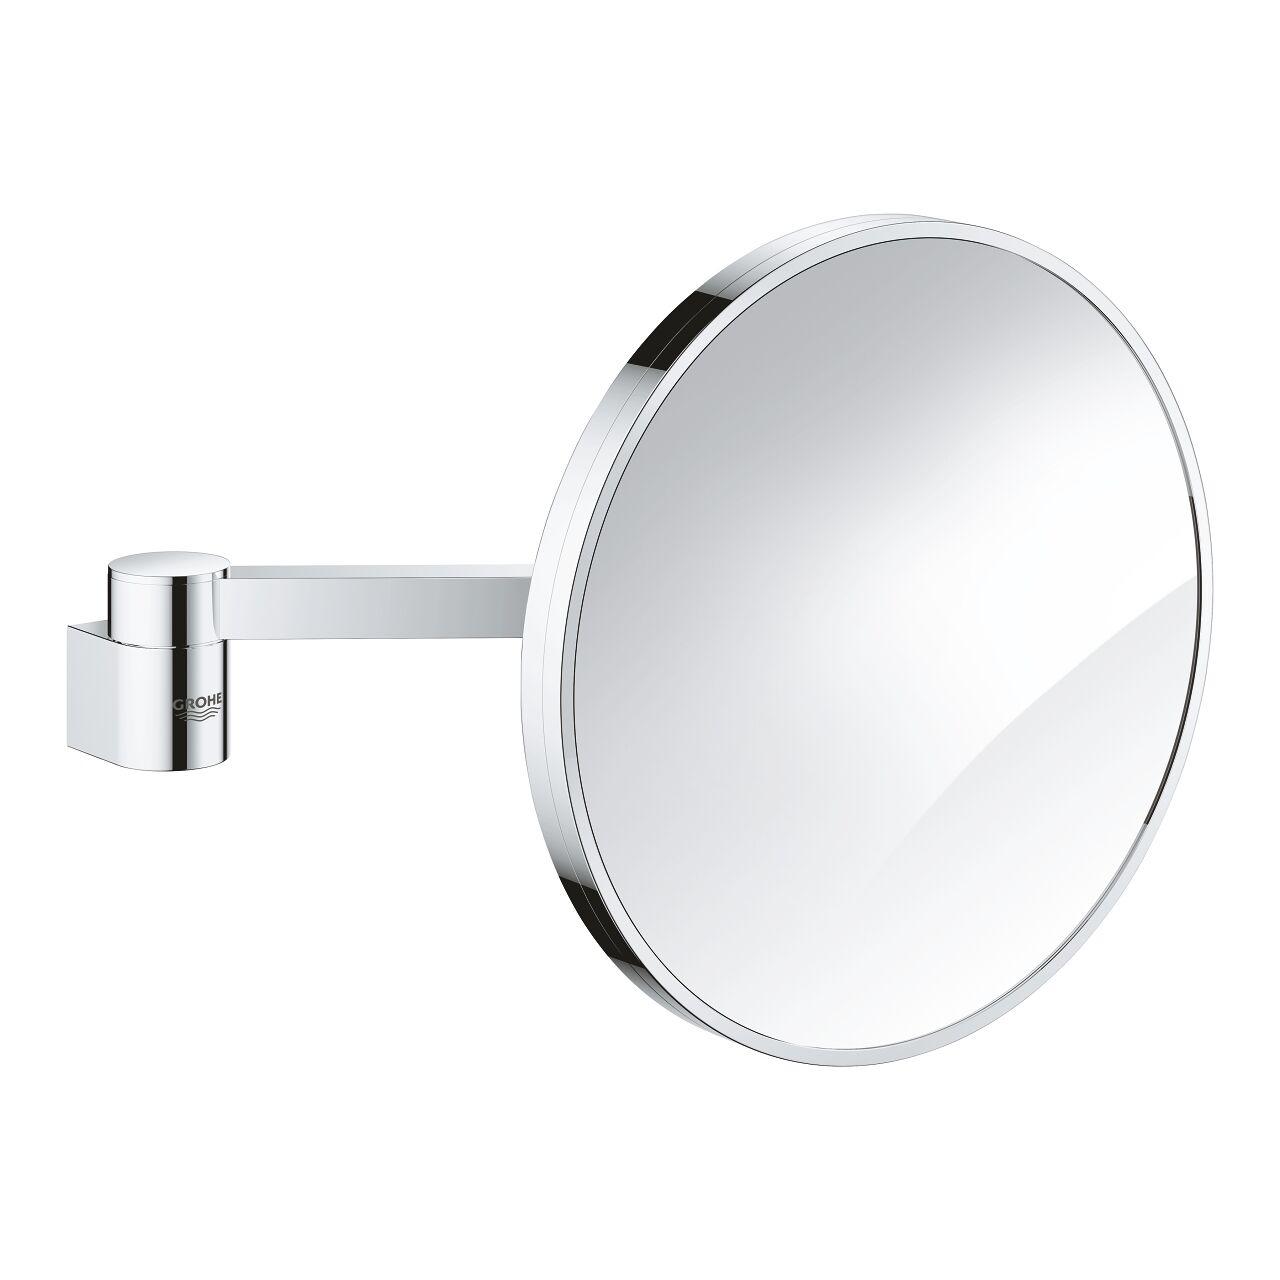 Grohe Selection - Miroir cosmétique réfléchissant / chrome